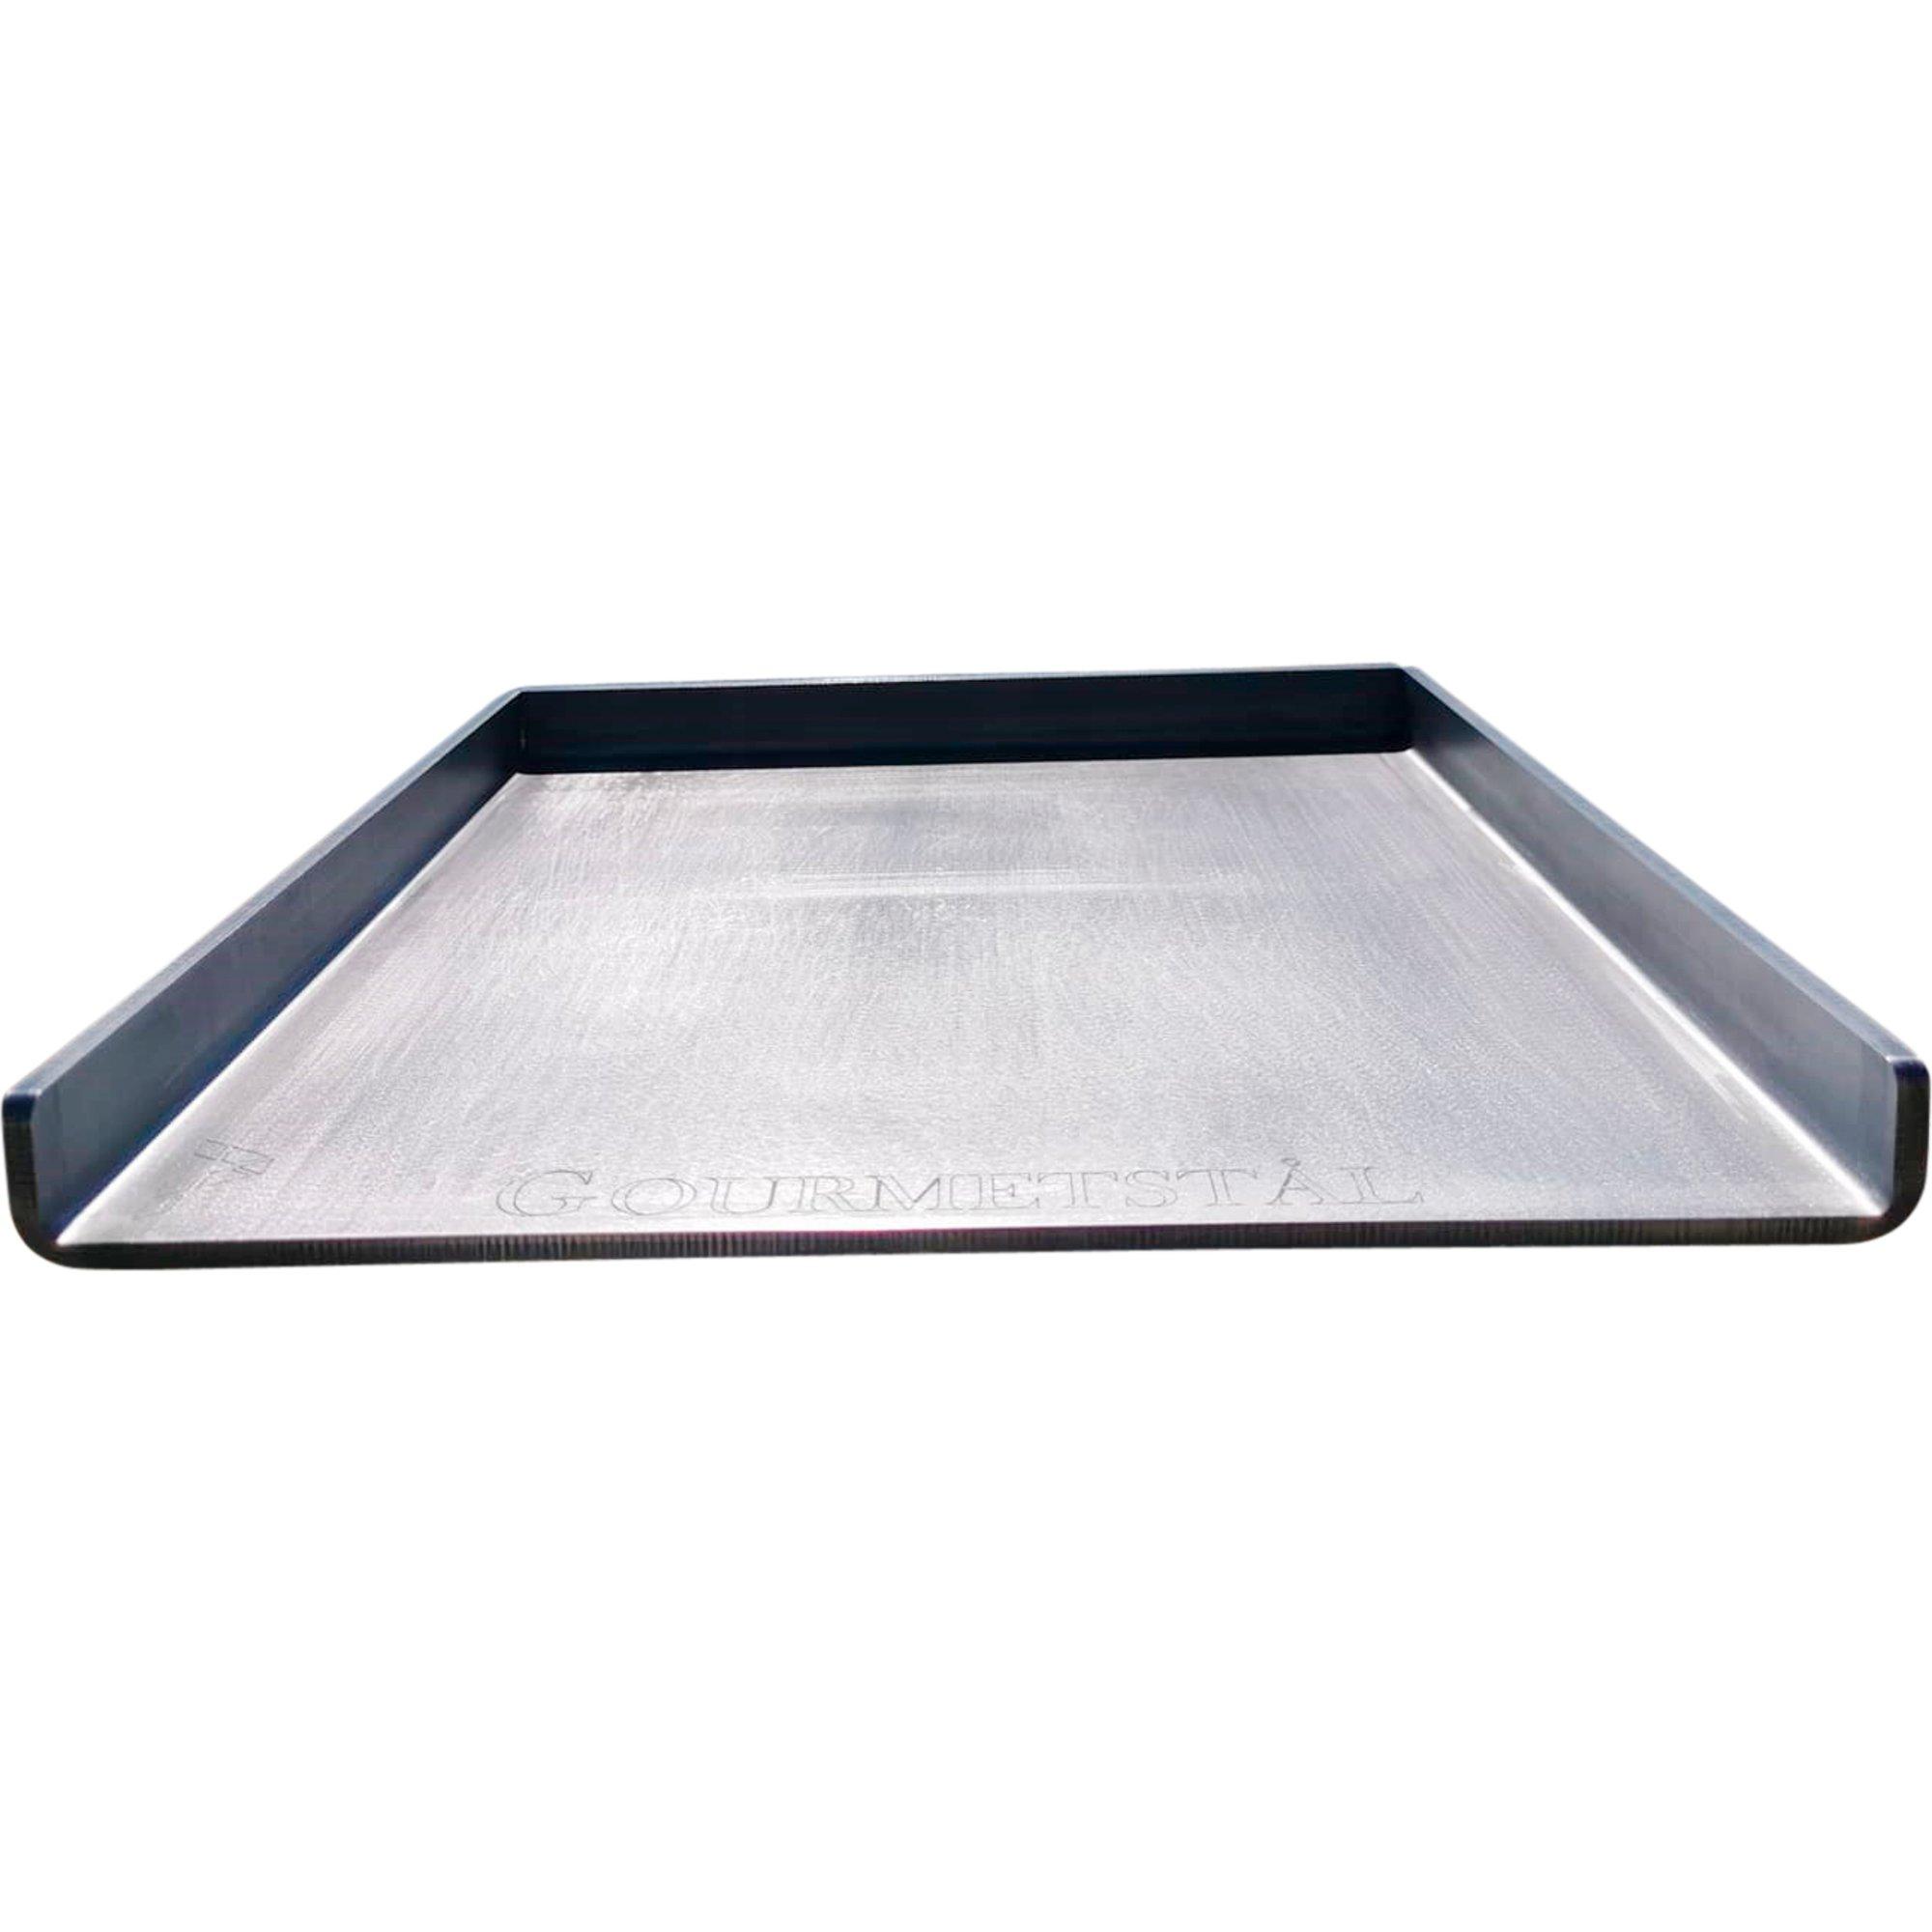 Gourmetstål Stekbord med höga kanter